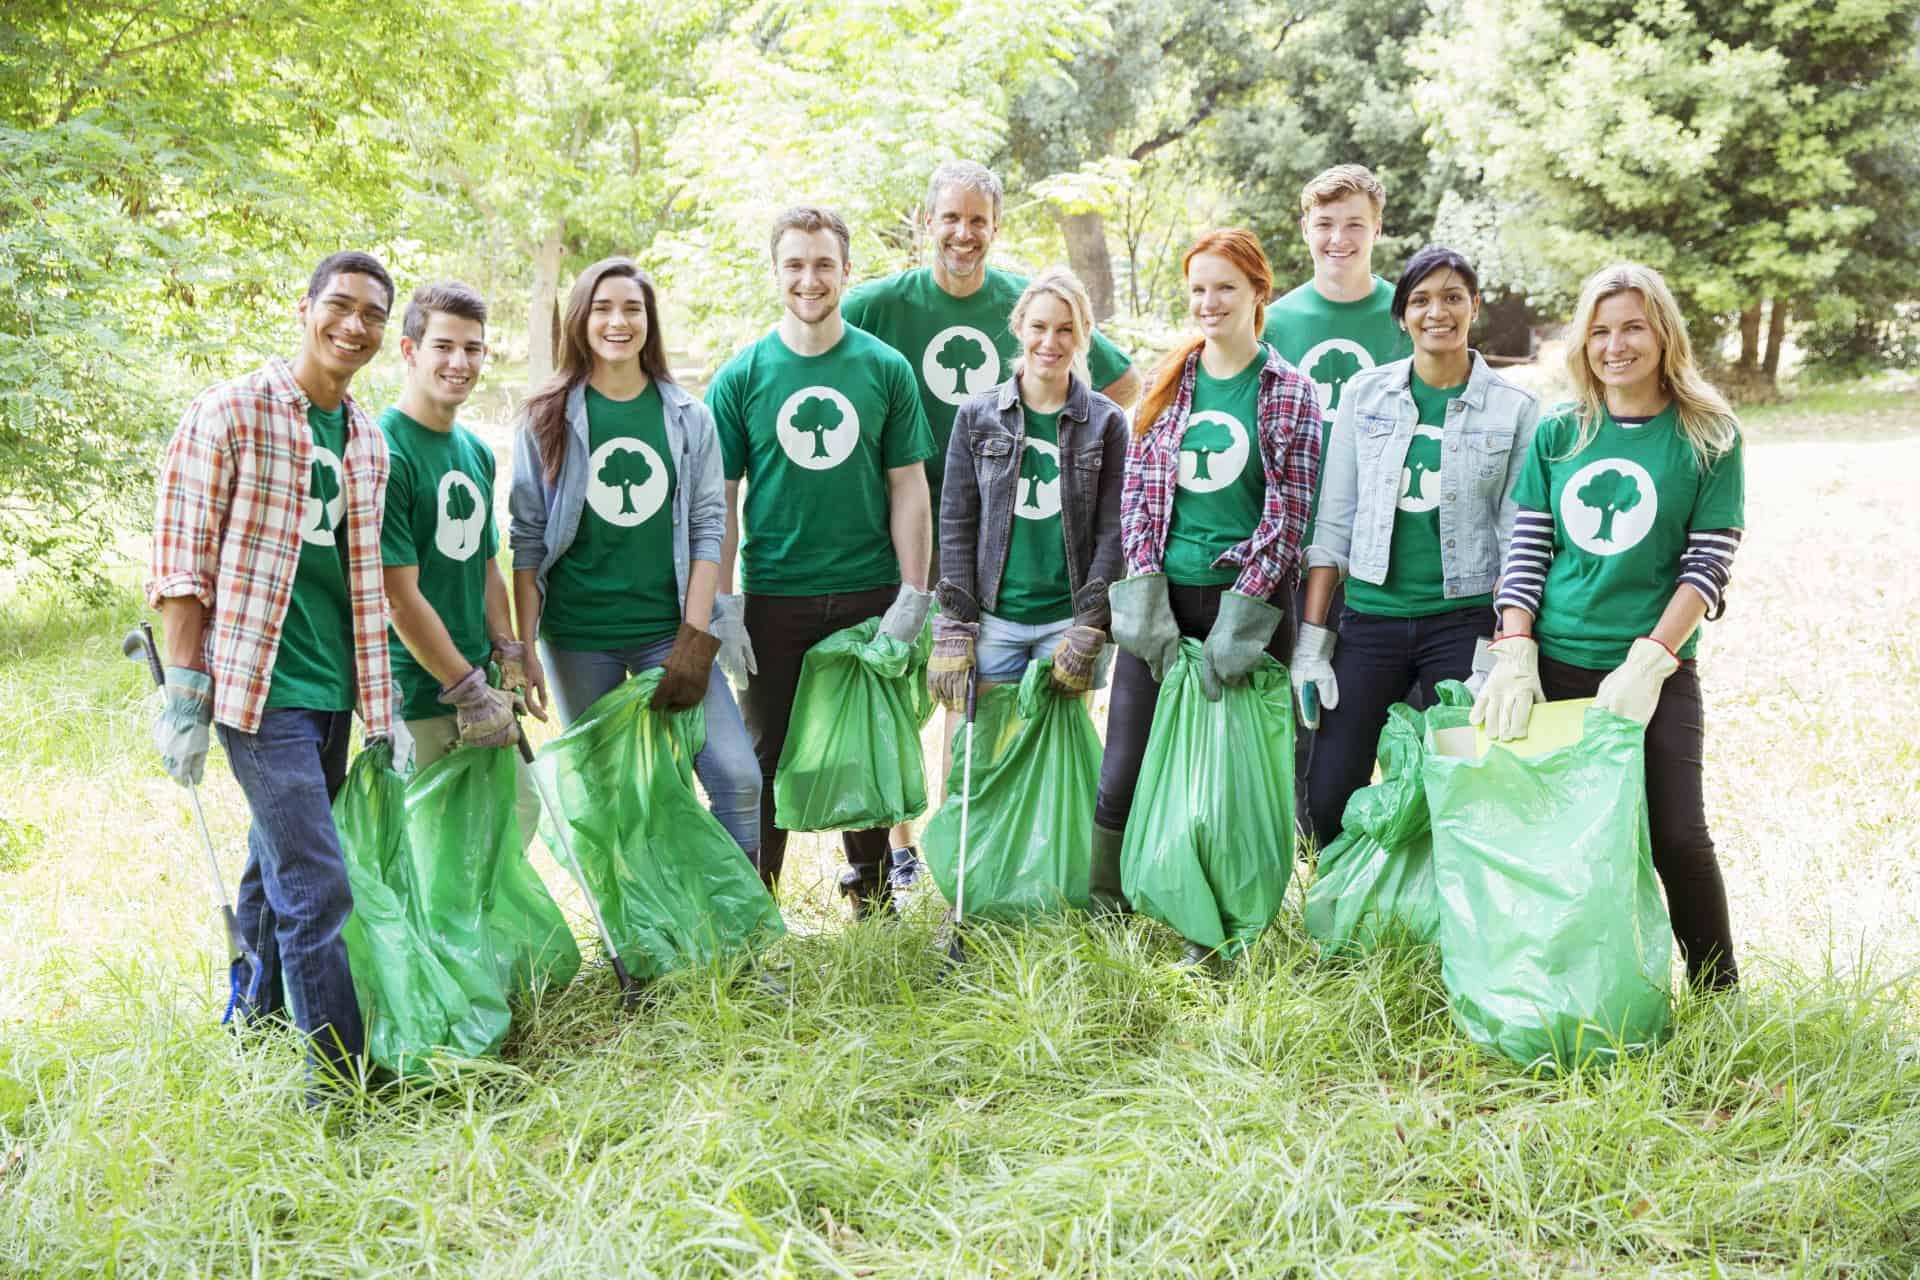 eco-friendly trash bags